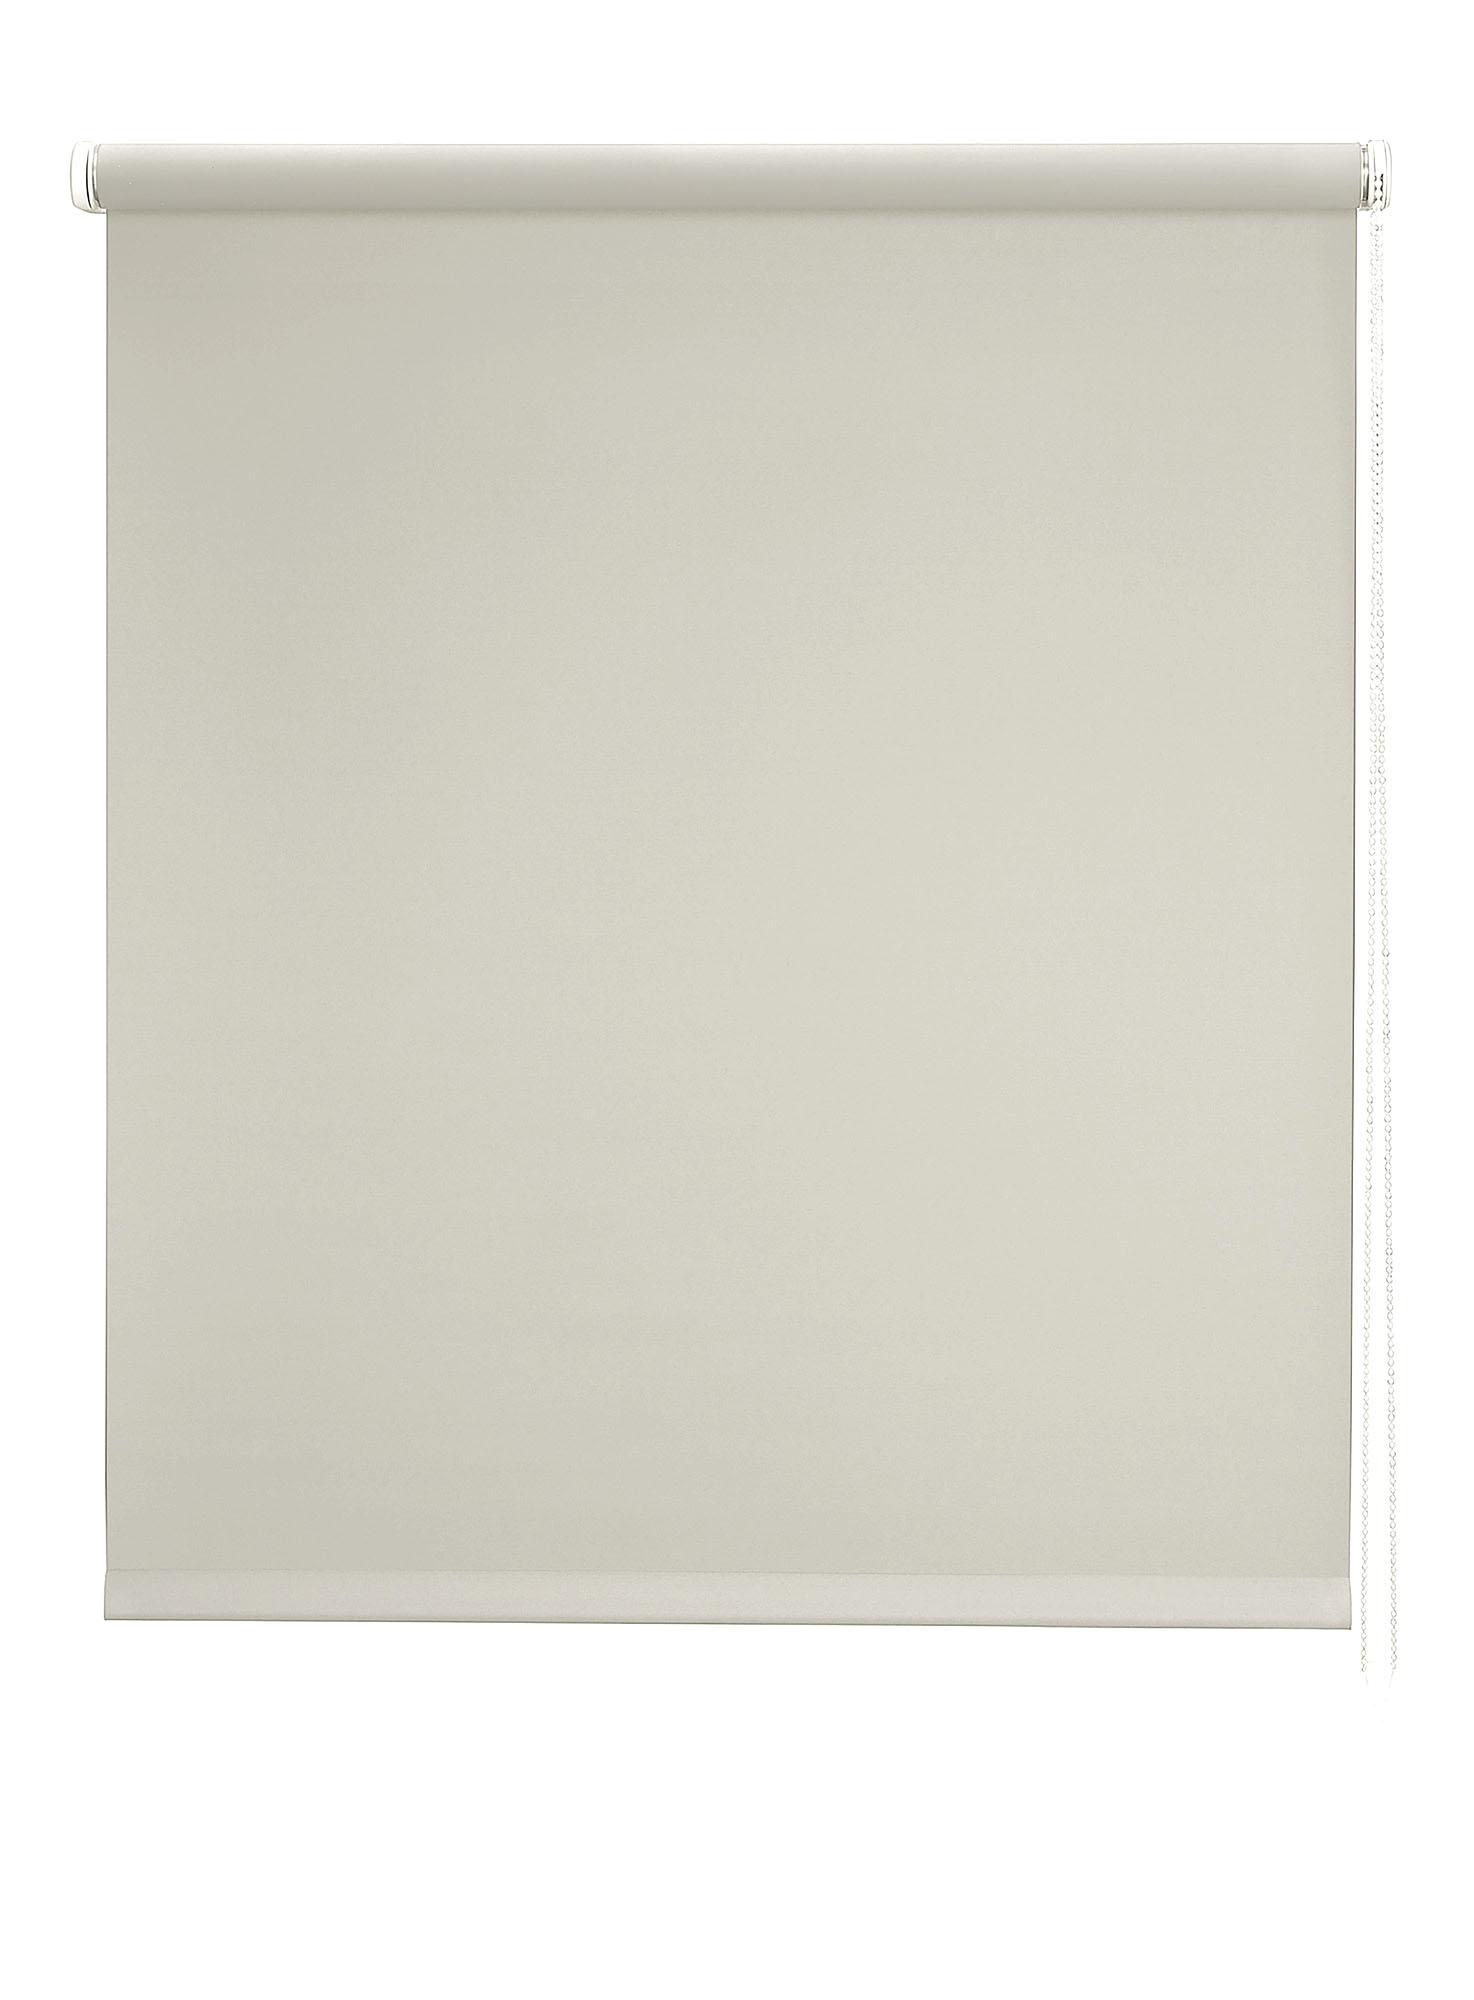 Store enrouleur Translucide - Écru - 120 x 250 cm